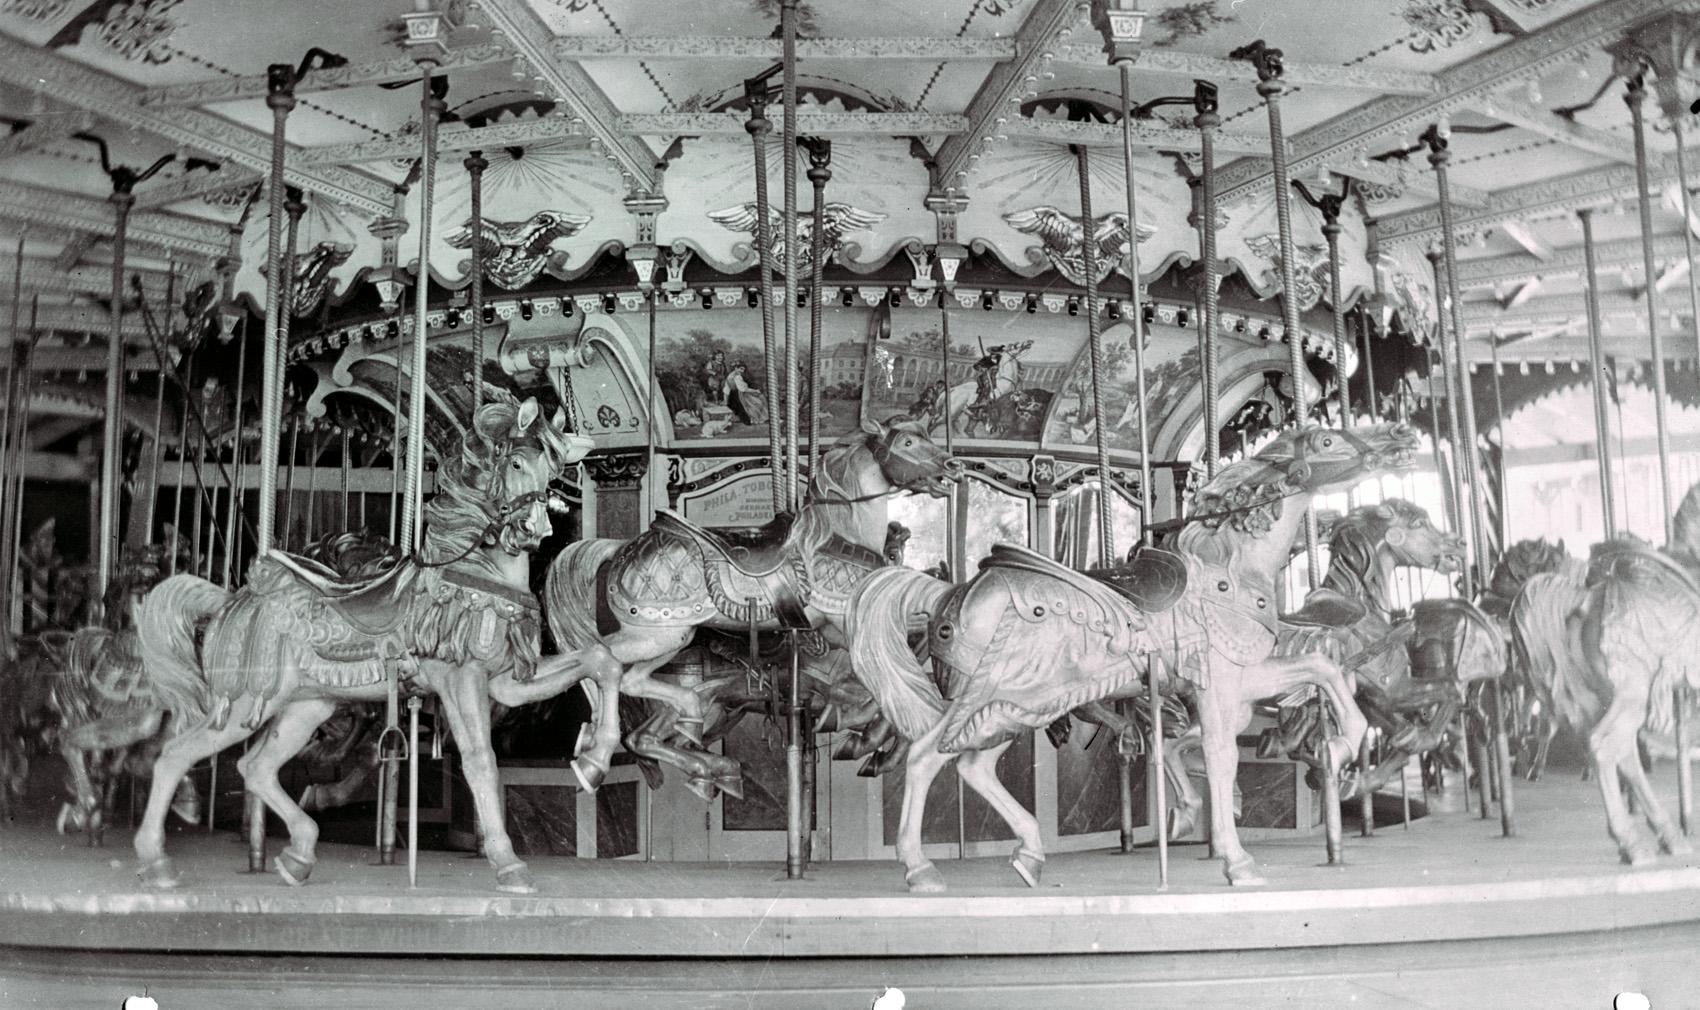 PTC-47-carousel-Enna-Jettick-Park-NY-1930s-PTC-factory-archives